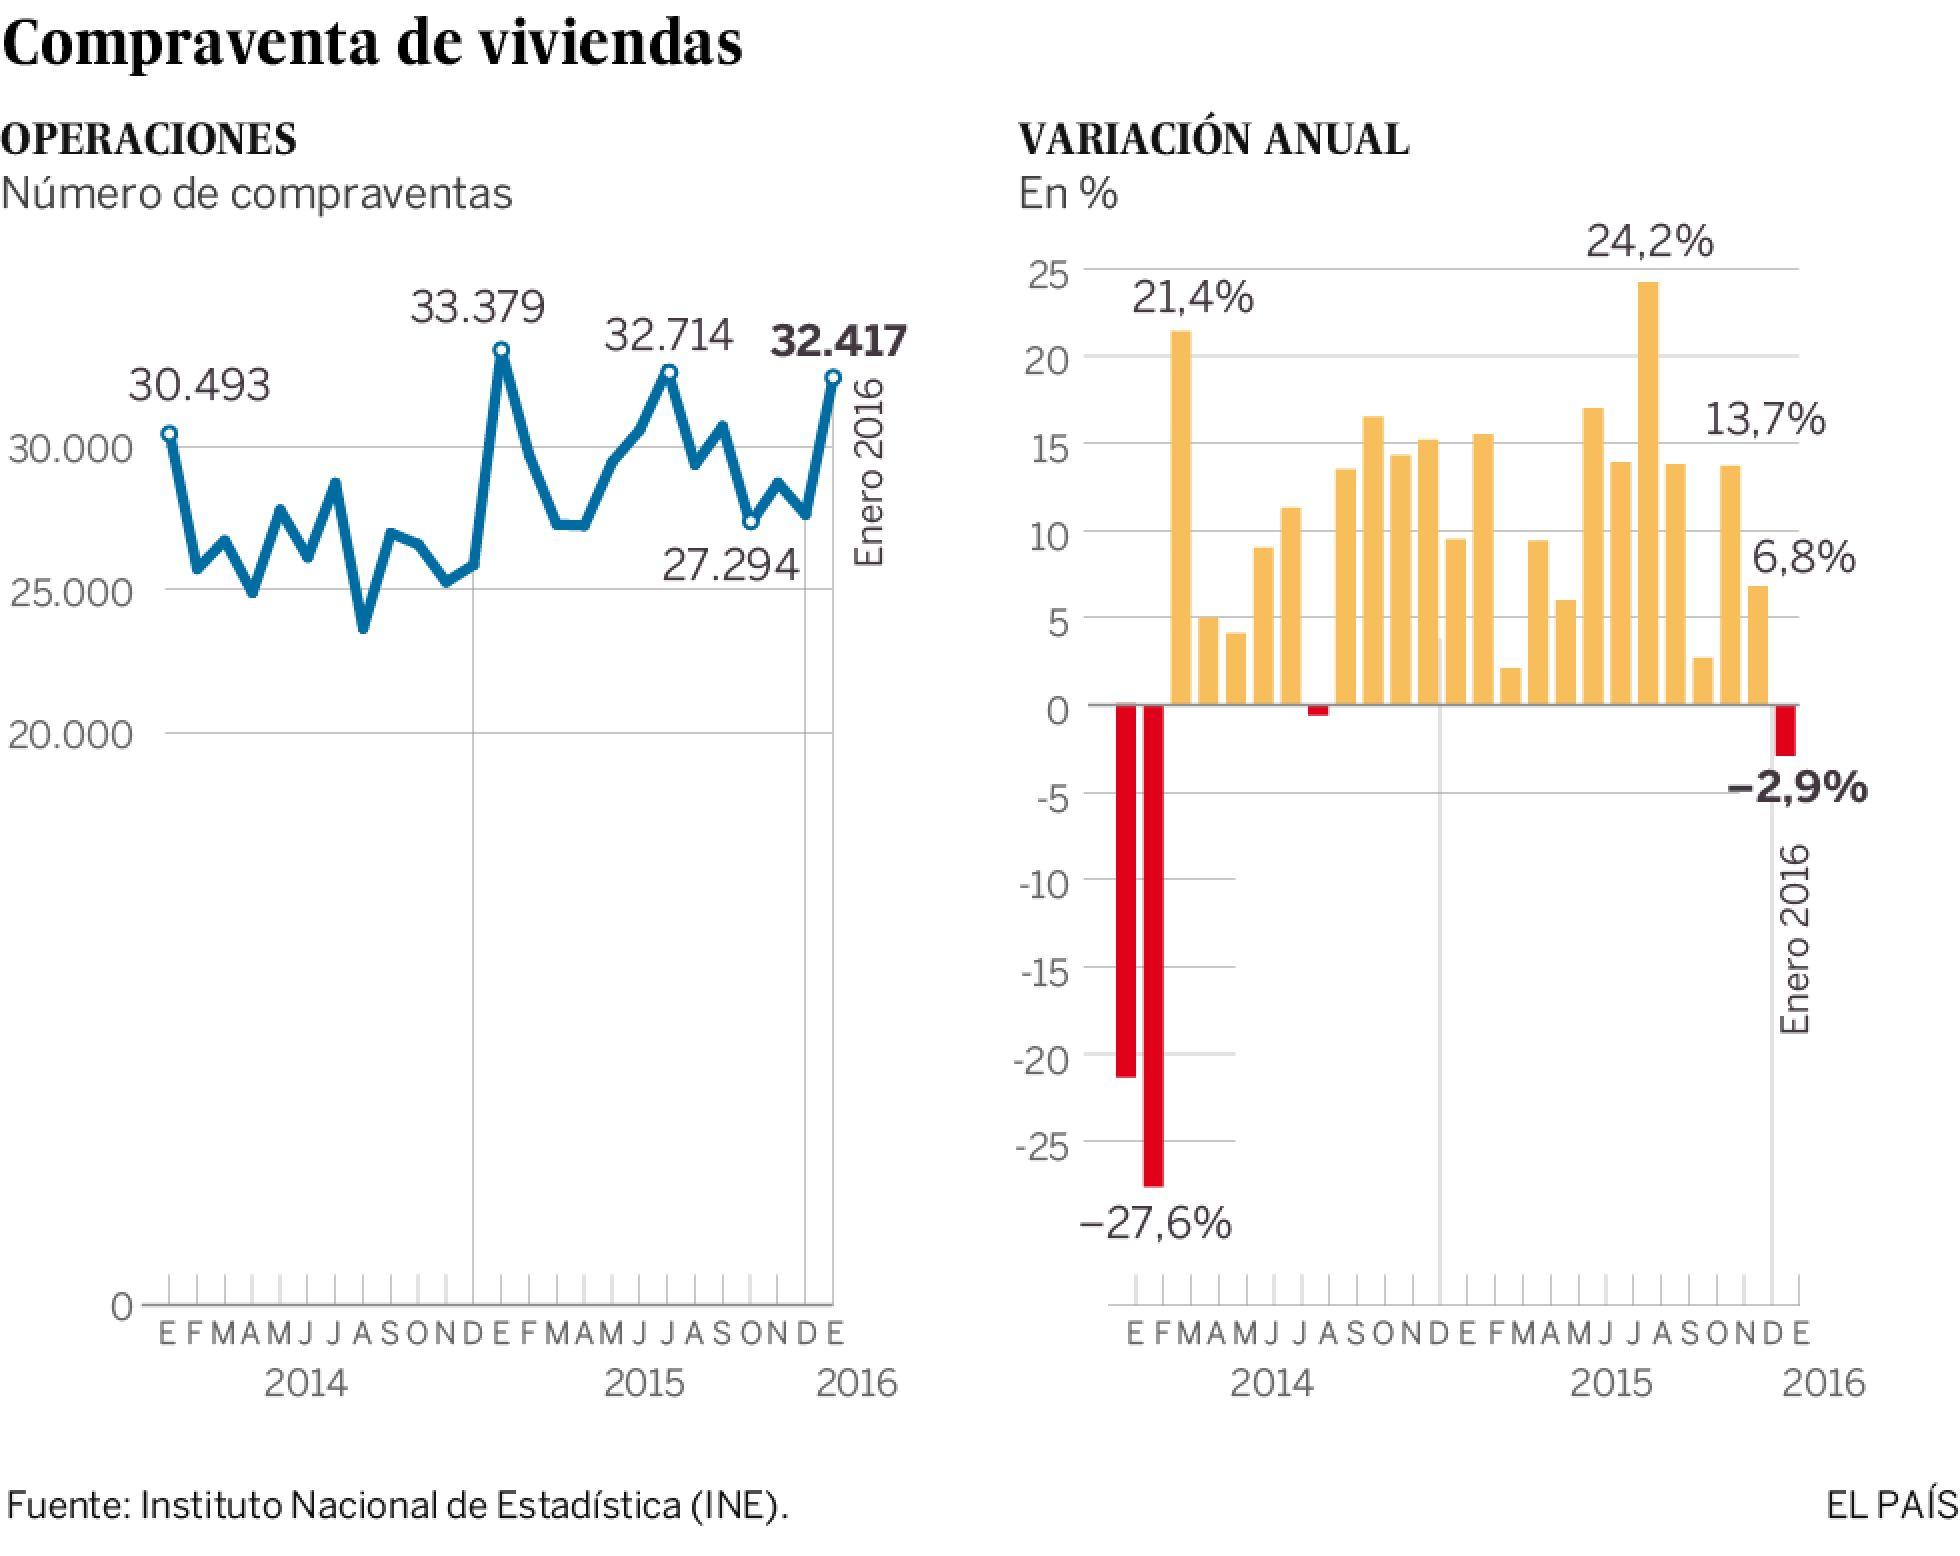 Realidades de la vivienda en el capitalismo español. Luchas contra los desahucios de viviendas. Inversiones y mercado inmobiliario - Página 15 1457427031_374604_1457432167_sumario_normal_recorte1